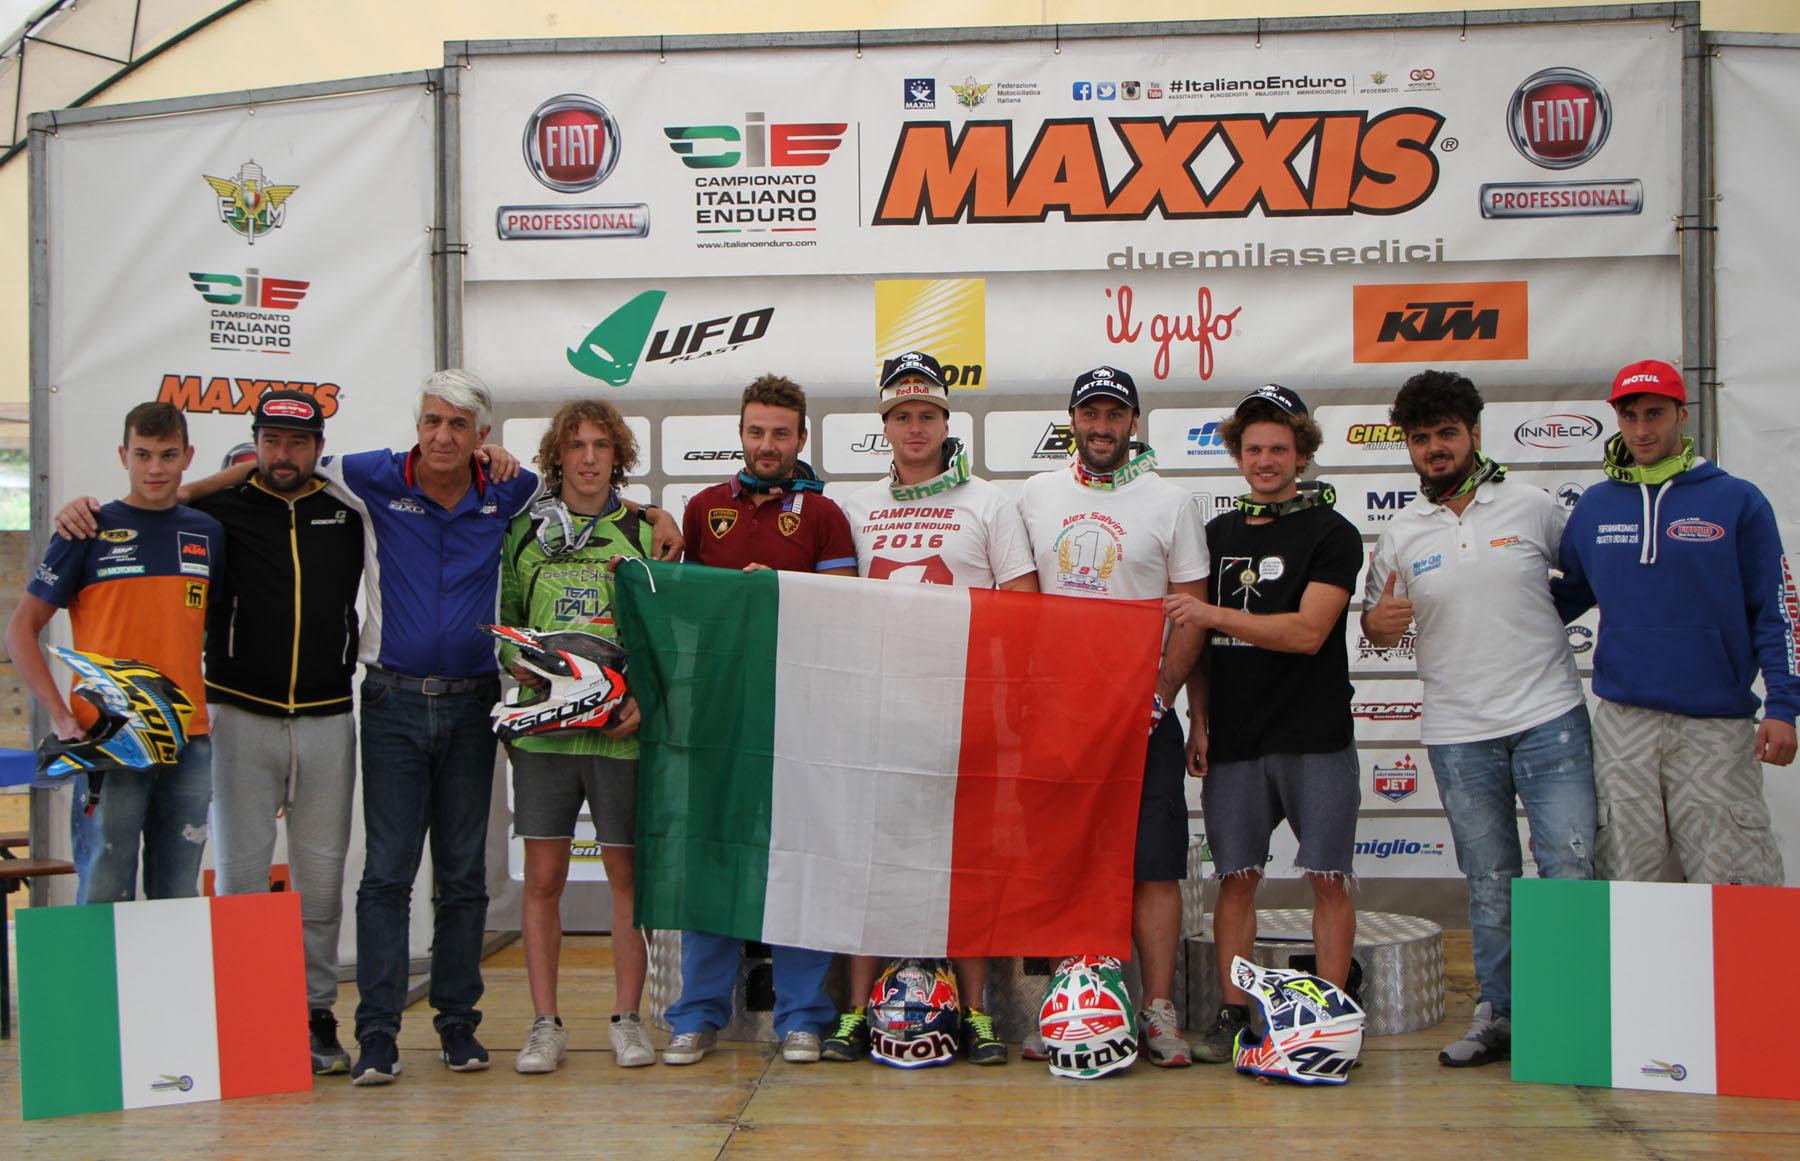 premiazione assoluti e coppa italia 2016 con giubettini